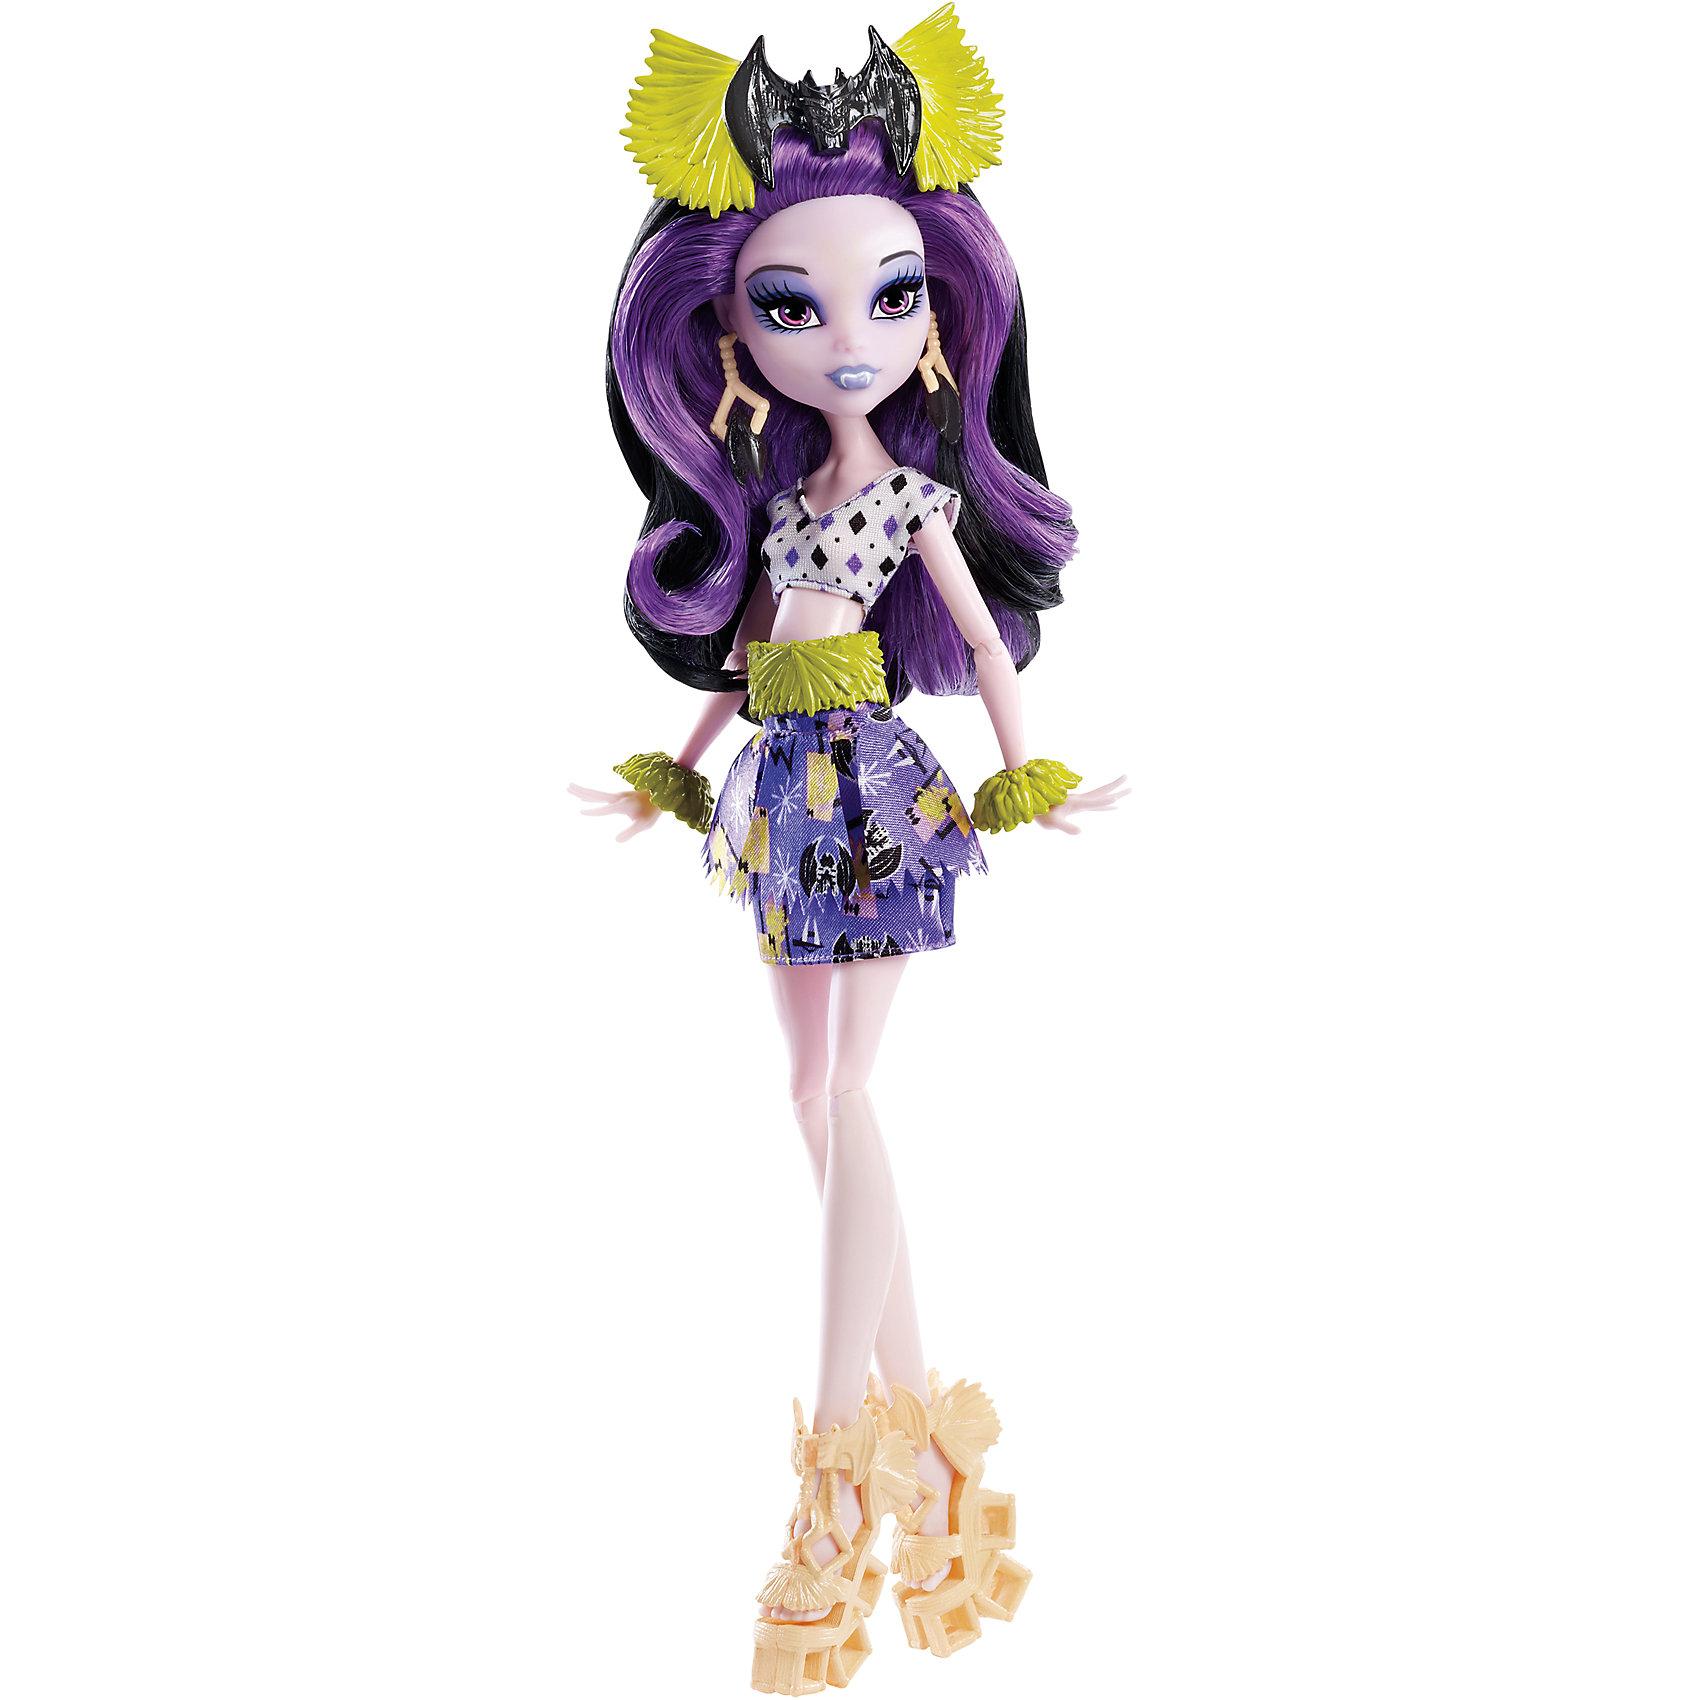 Кукла Монстрические каникулы, Monster HighОтправляйся на каникулы с Элиссабэт из Школы монстров, которая принарядилась для хищного туризма и диких пляжей! Кукла одета в тропическом стиле. Подвижные плечи, локти и колени позволят ей разыгрывать напряженные сюжеты. Элиссабэт - дочь вампира. Она одета  в своем любимом загробно-лиловом цвете, с узором из летучих мышей и с завораживающими аксессуарами: драгоценностями, туфлями, поясом.  Образ дополняют миниатюрные туфельки и украшение для волос. Длинные черные локоны с контрастной прядью очень приятно расчесывать, из них получится множество оригинальных причесок. <br><br>Дополнительная информация:<br><br>- Материал: пластик.<br>- Высота: 30 см.<br>- Голова, руки, ноги куклы подвижные. <br>- Комплектация: кукла в одежде и обуви, аксессуары.<br><br>Куклу Монстрические каникулы, Monster High (Монстр Хай), можно купить в нашем магазине.<br><br>Ширина мм: 65<br>Глубина мм: 150<br>Высота мм: 325<br>Вес г: 258<br>Возраст от месяцев: 72<br>Возраст до месяцев: 120<br>Пол: Женский<br>Возраст: Детский<br>SKU: 4500809